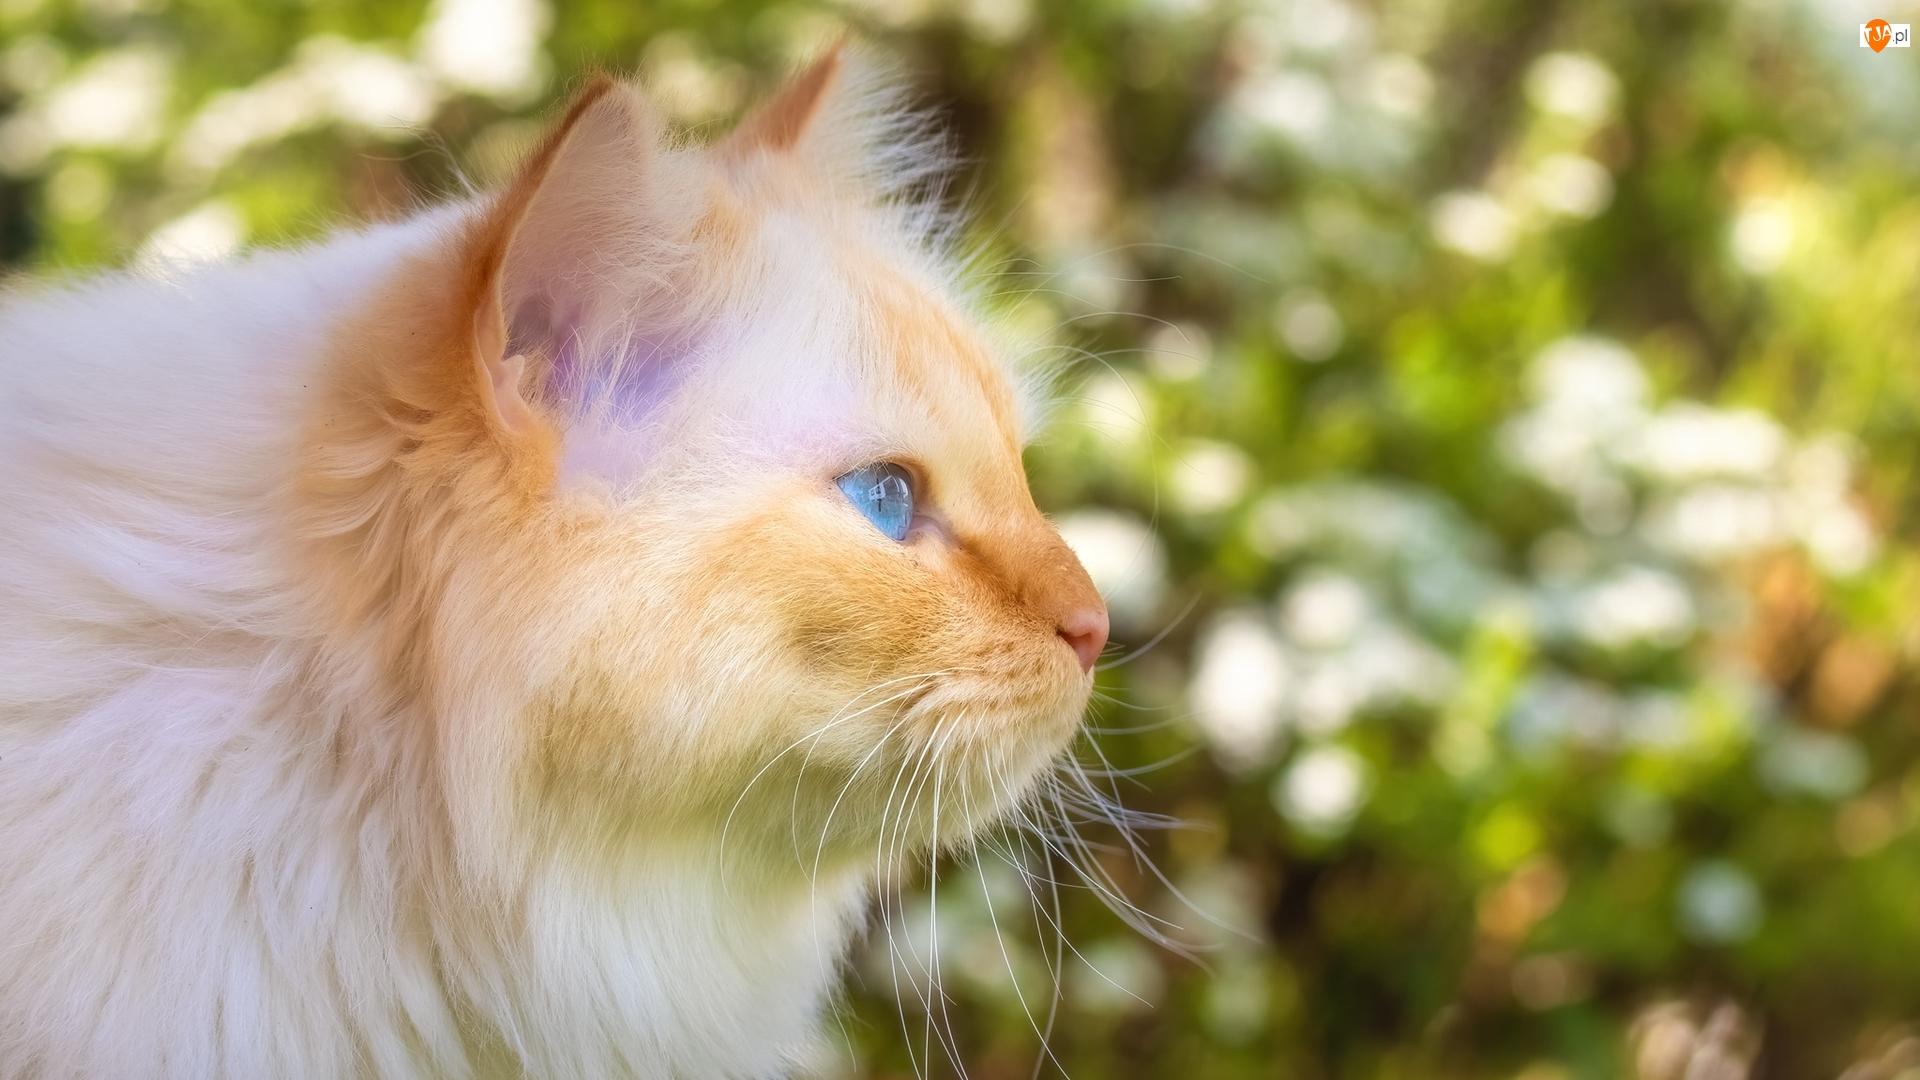 Niebieskooki, Profil, Rudy, Zapatrzony, Kot